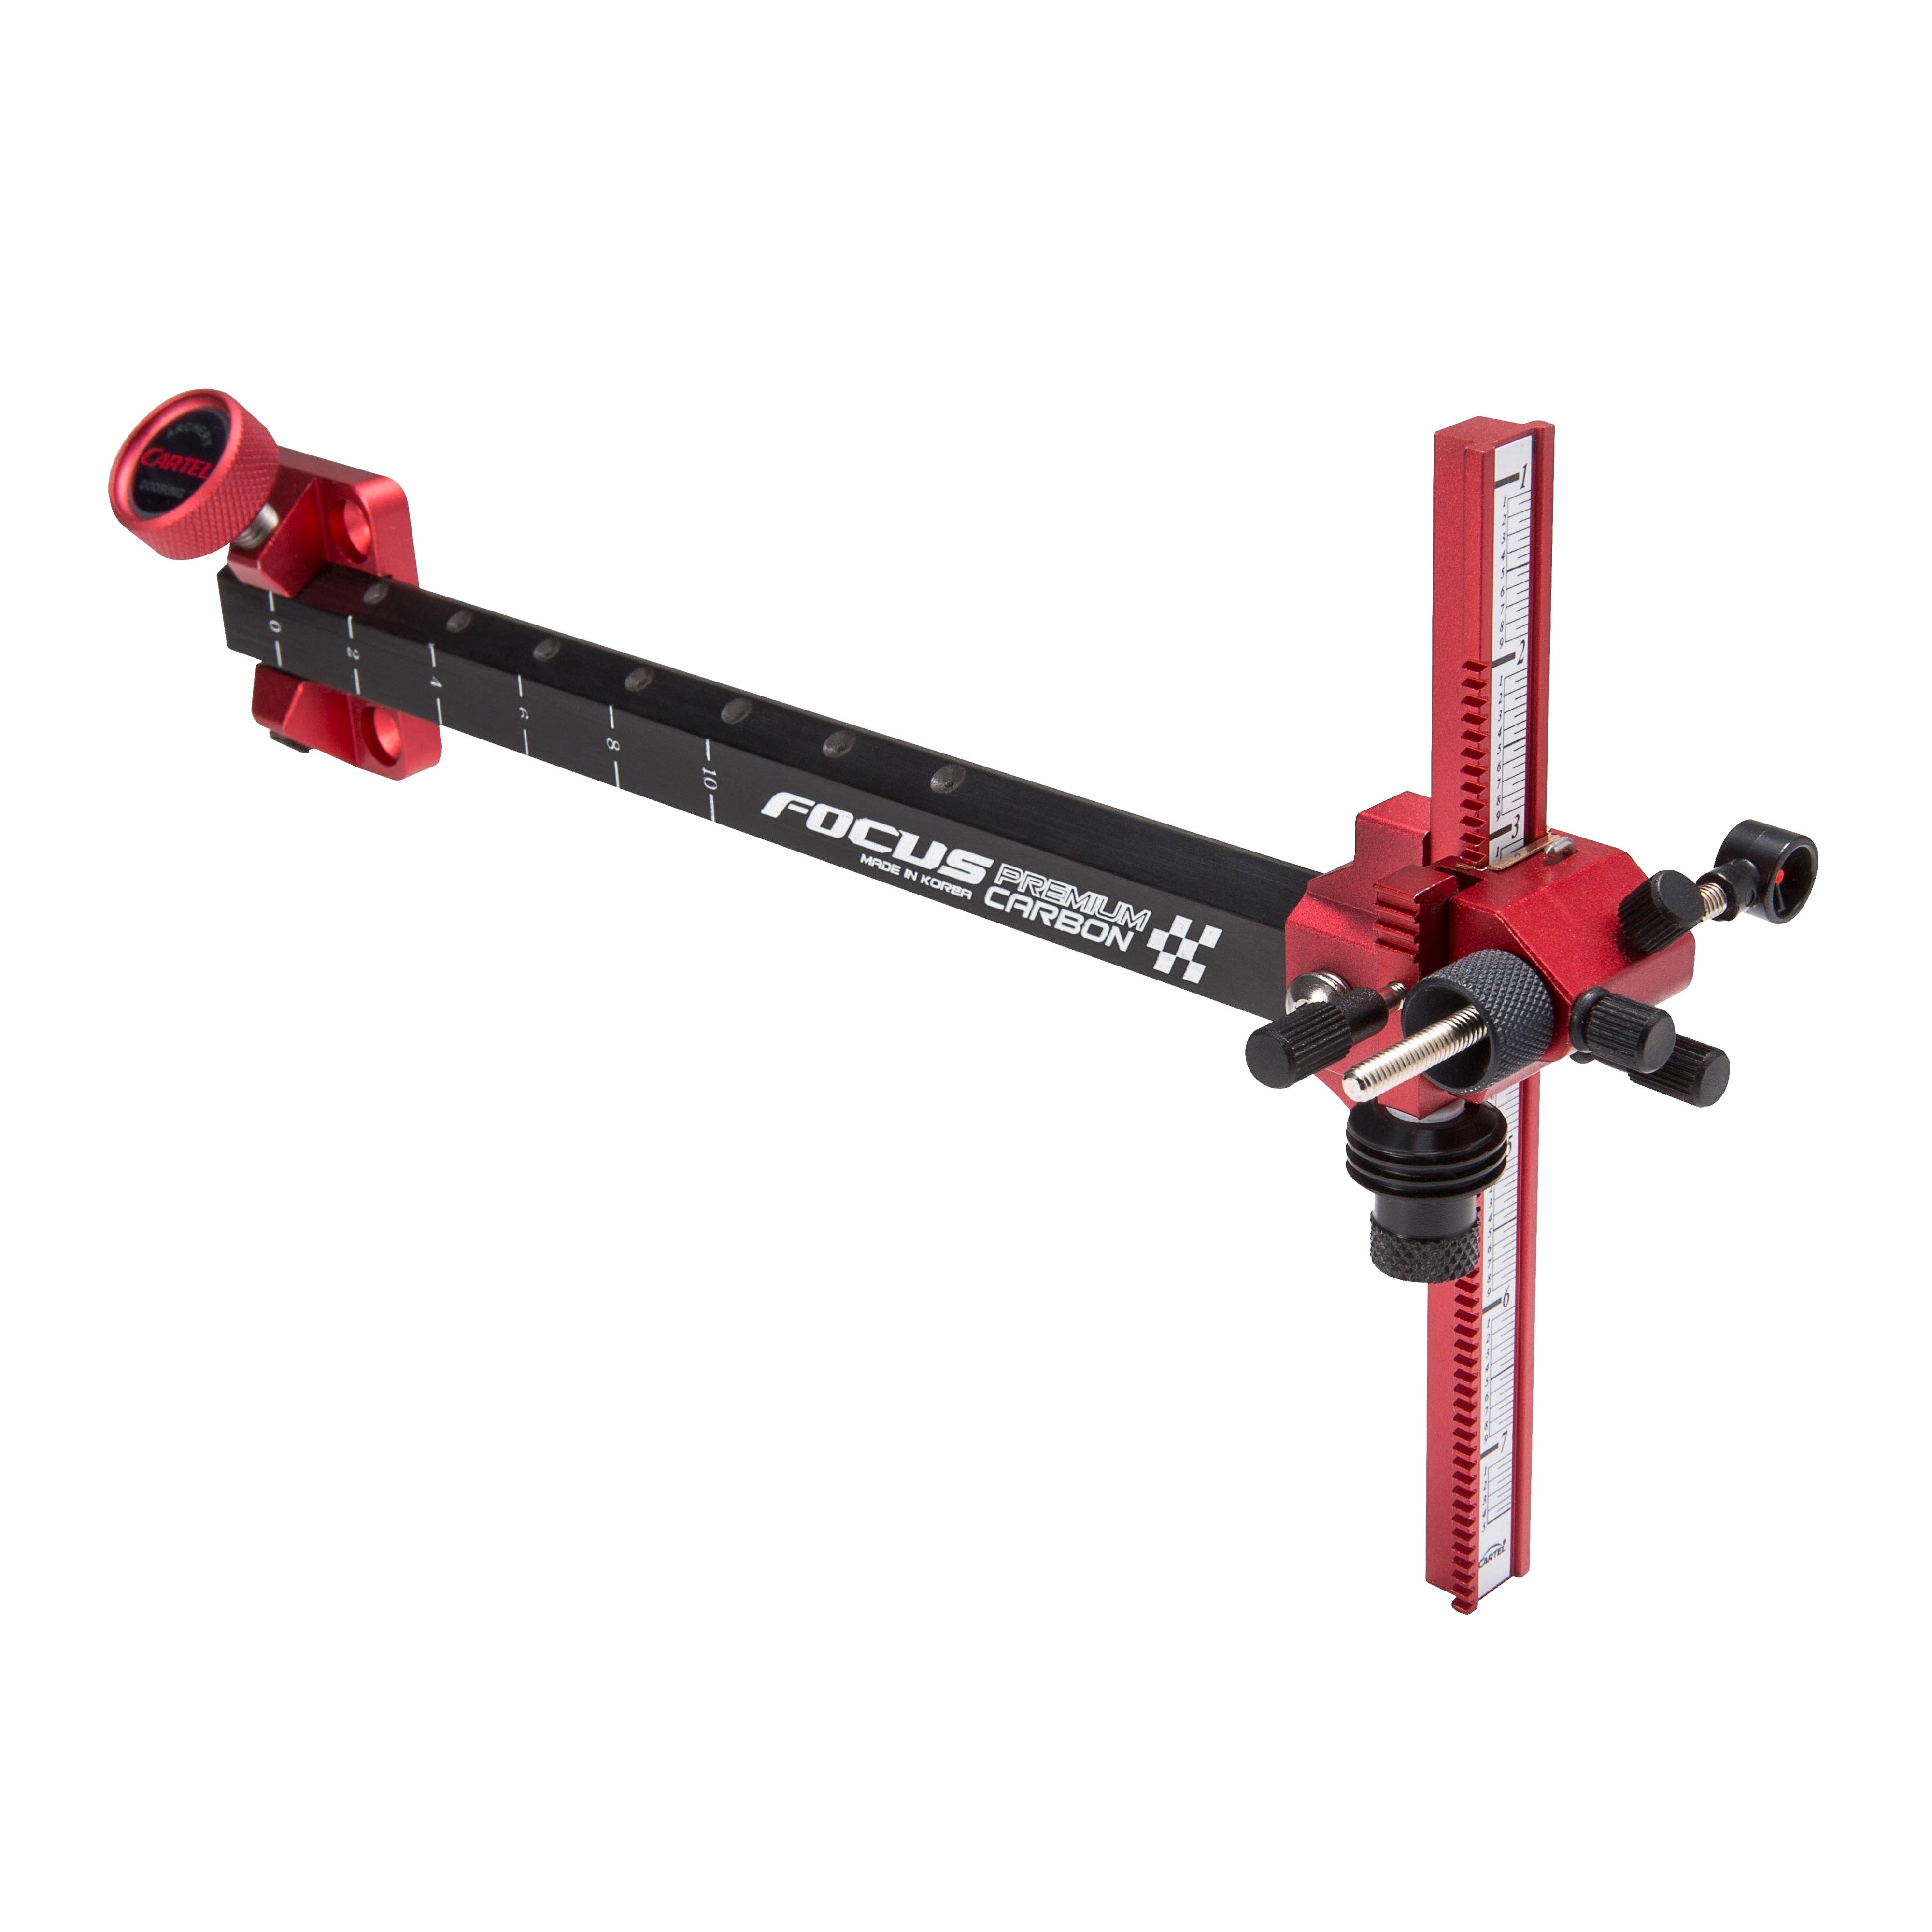 Cartel Focus Carbon反曲弓碳素瞄准器